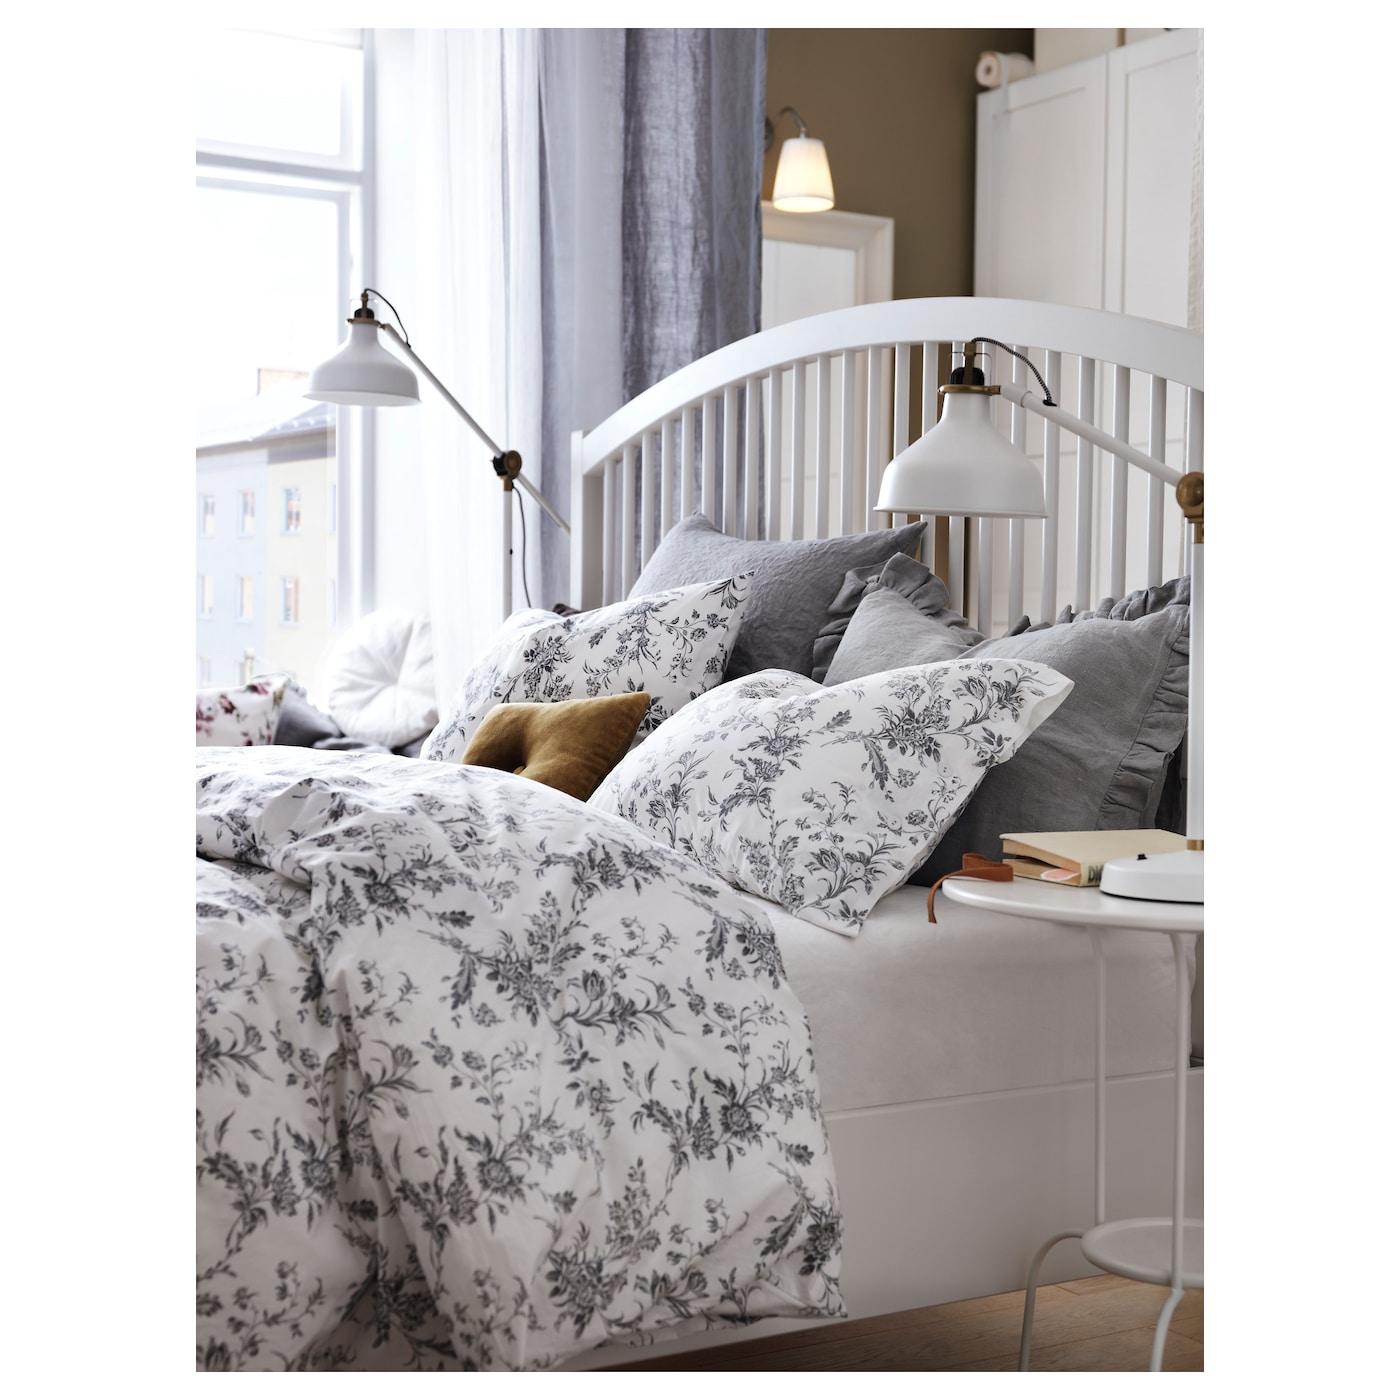 taie d/'oreiller 150x200cm unique Vert Floral IKEA junimagnolia Housse de couette